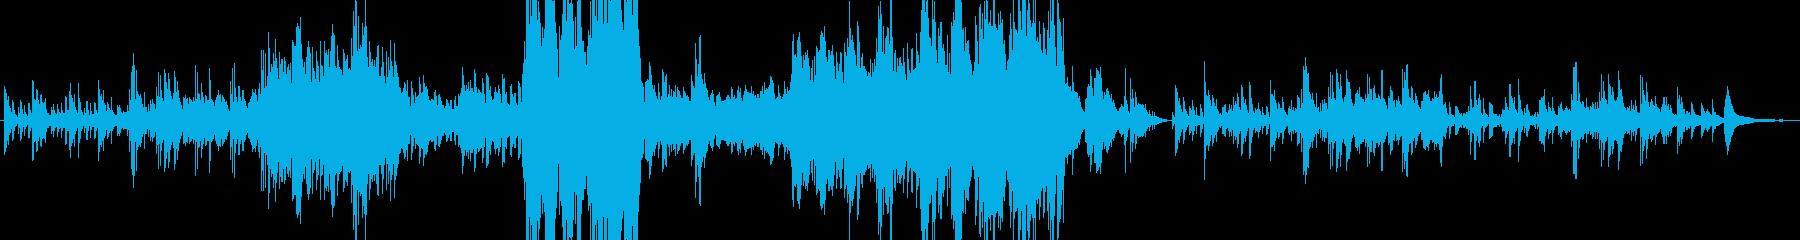 キラキラと星が輝く美しい響きのピアノソロの再生済みの波形